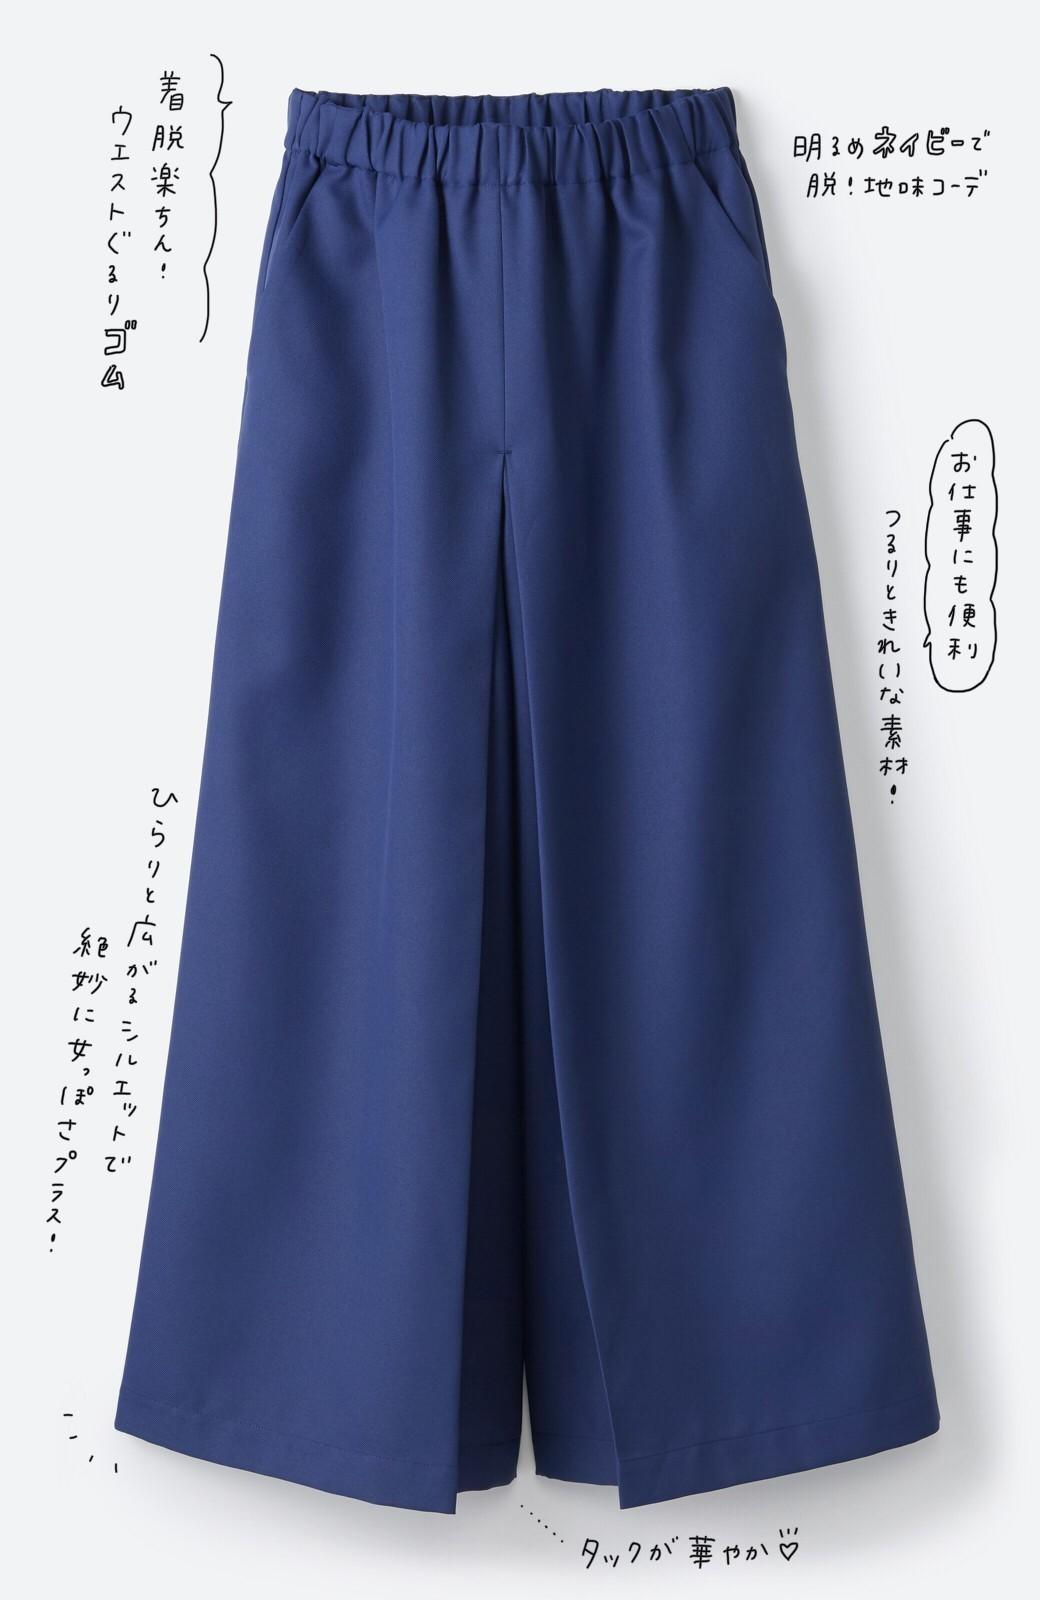 haco! スカート感覚でゆったりはけちゃう お仕事にも便利なきれいめタックワイドパンツ <ネイビー>の商品写真3